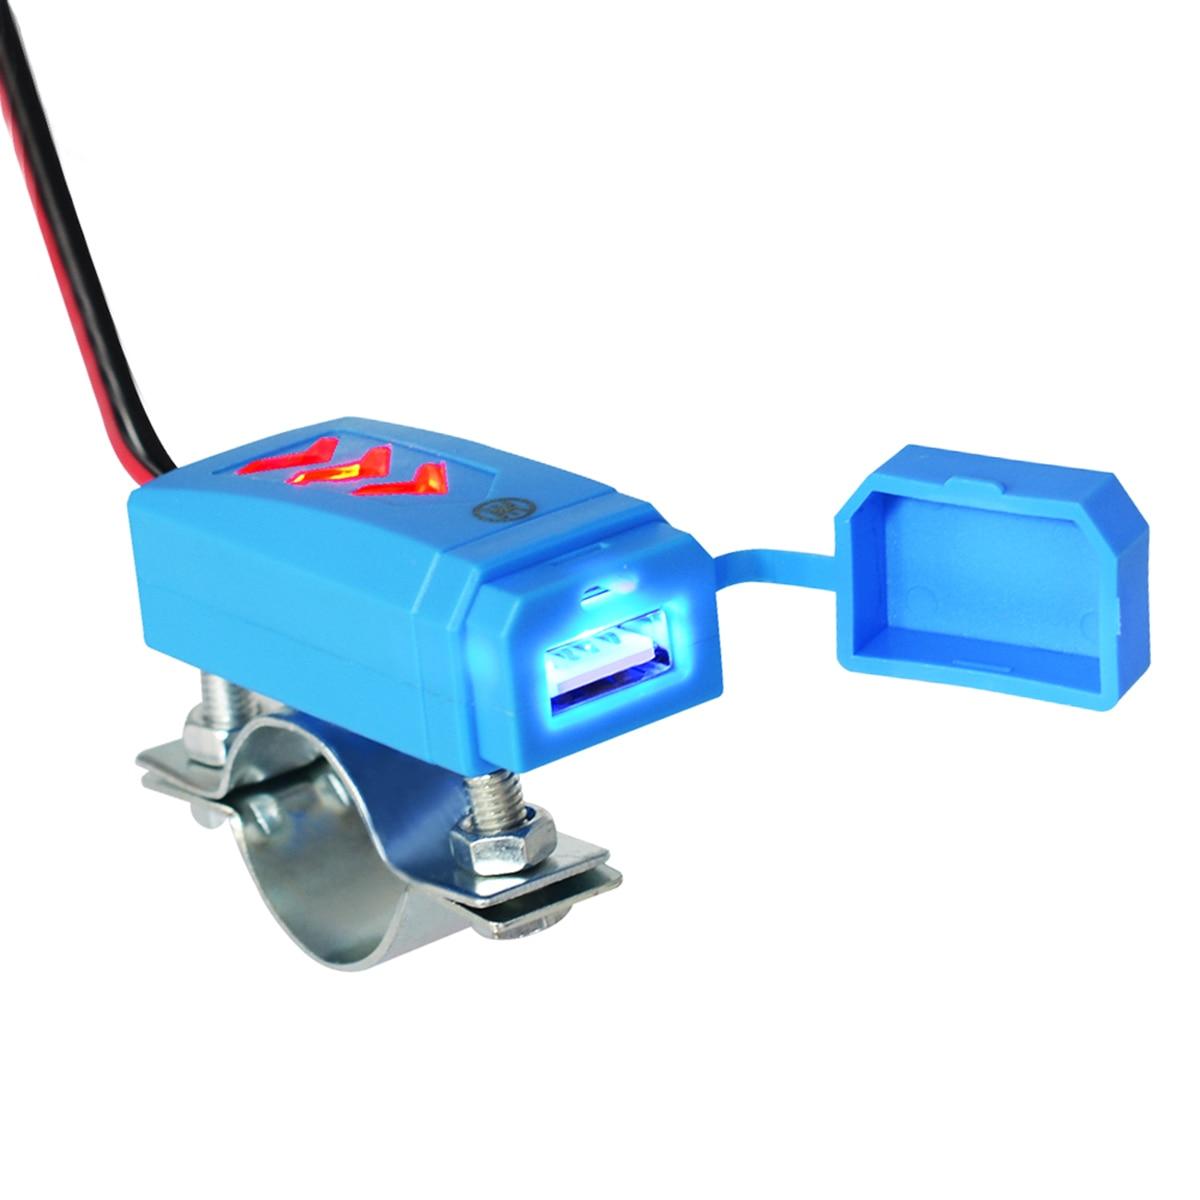 De alta calidad de 12-24V impermeable de la motocicleta cargador USB para...